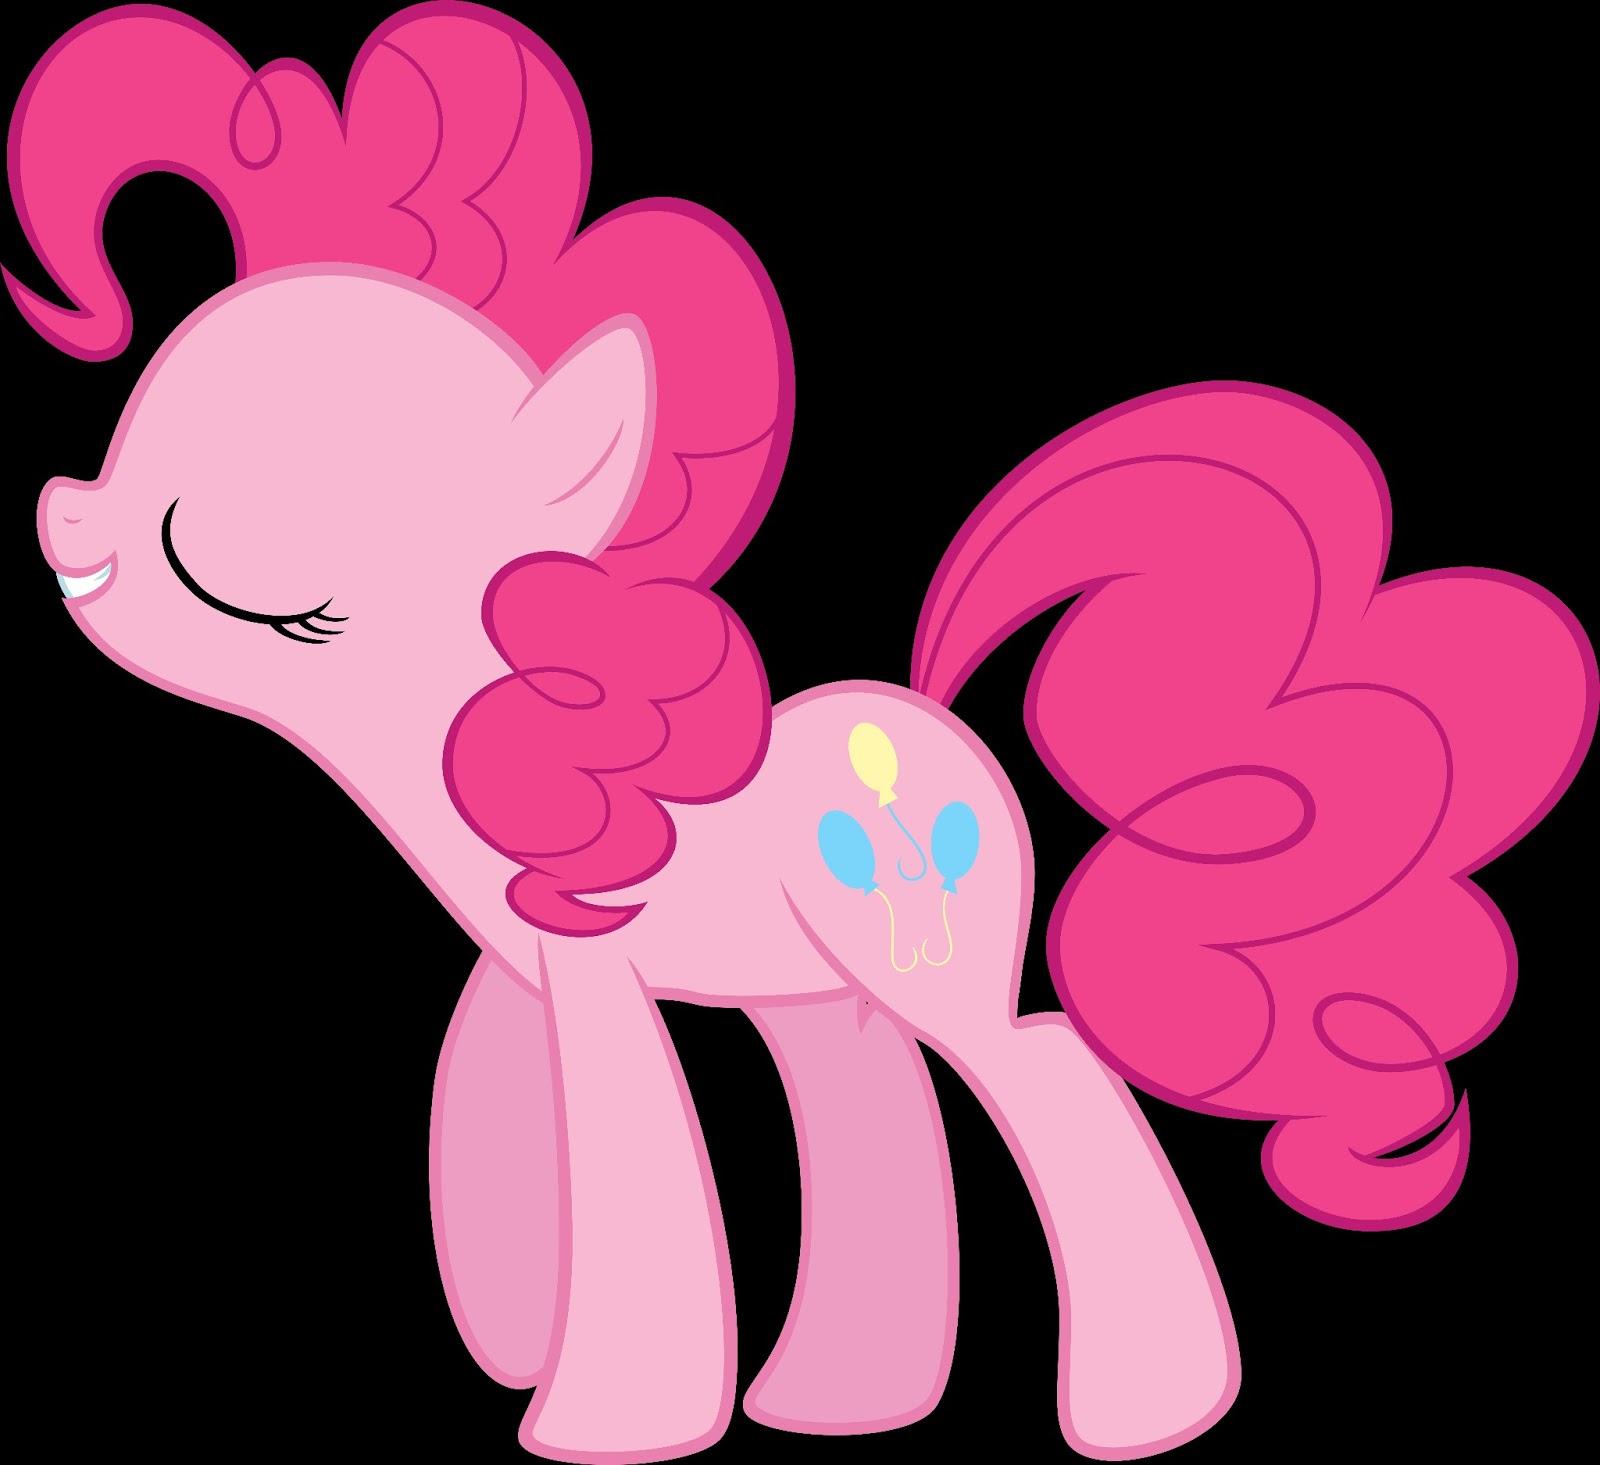 http://2.bp.blogspot.com/-e5CX5BY345c/UUnNBmfY_FI/AAAAAAAAAis/xDljbpqnT2U/s1600/pink+pony.png